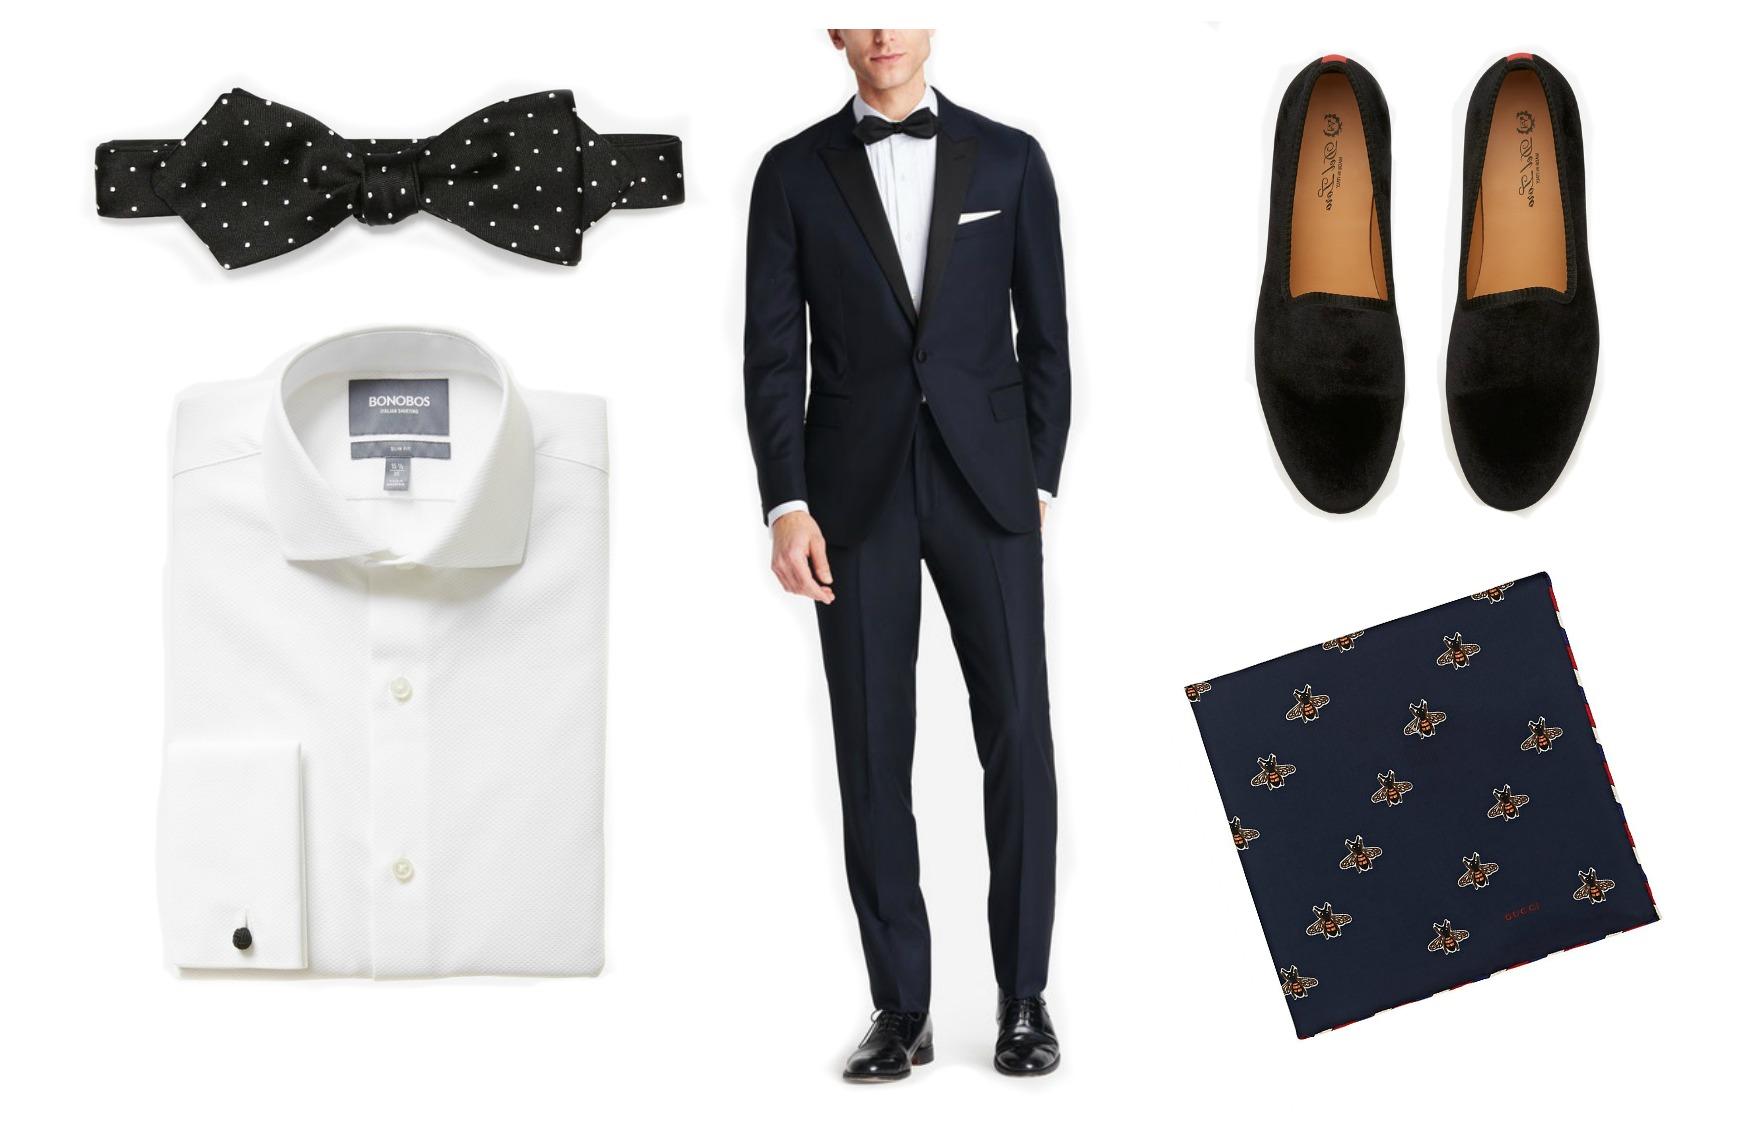 men's wedding dress code black tie optional